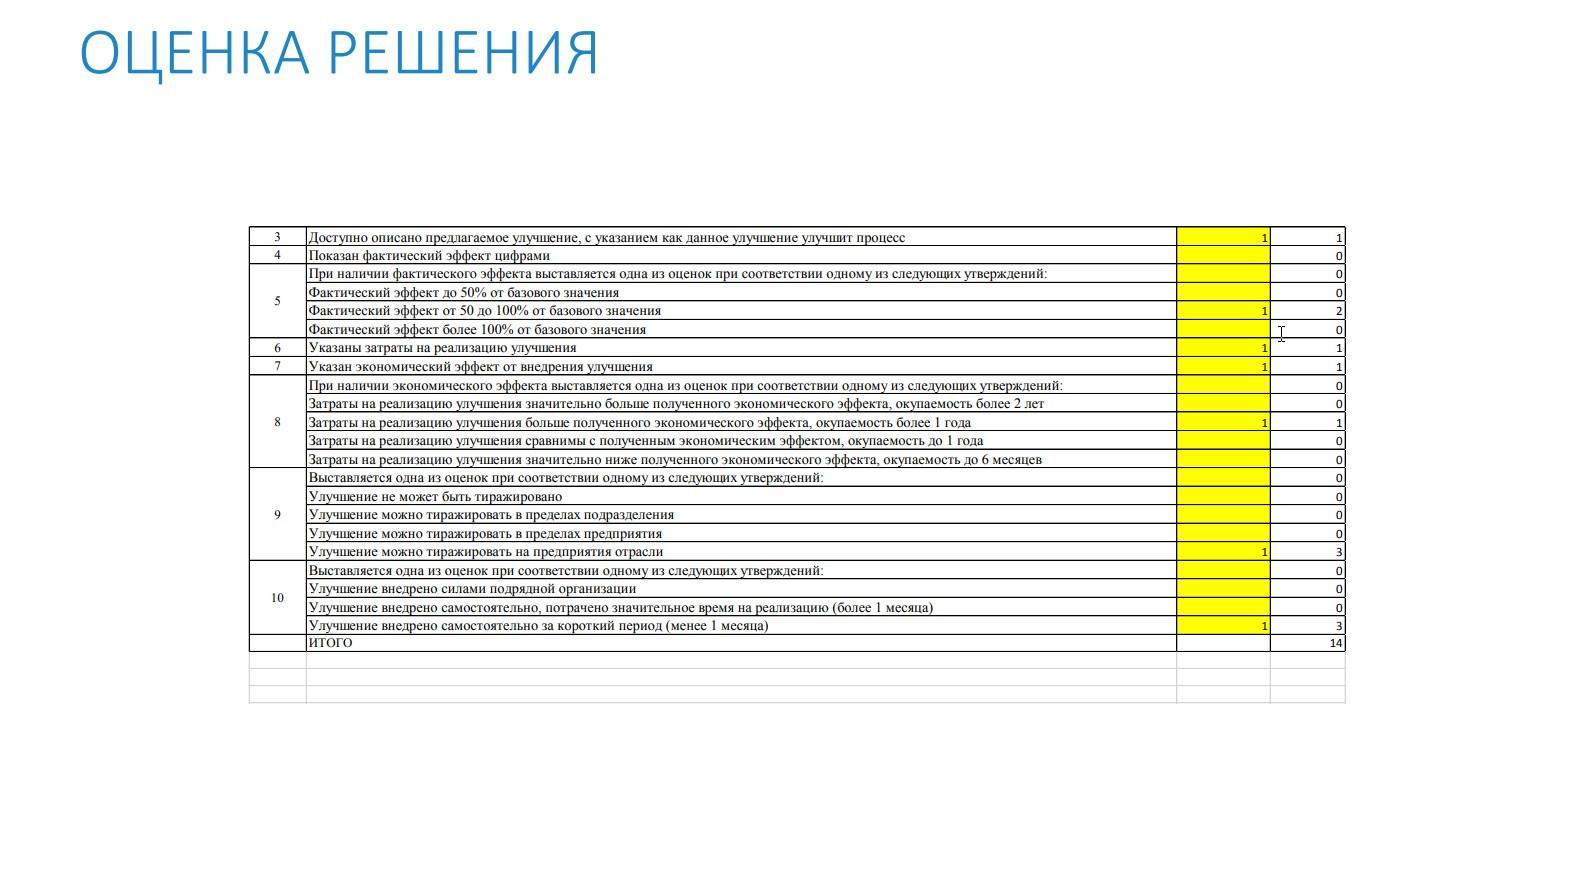 В конце 3-го квартала 2020 г. разработаны две программы: «Эффективное решение по сокращению потерь при ремонте пакета железа якоря тягового электродвигателя НБ-418К6» и «Эффективное решение по внедрению визуализации в технологическом процессе мойки тягового электродвигателя НБ-418К6 в сборе и якоря»